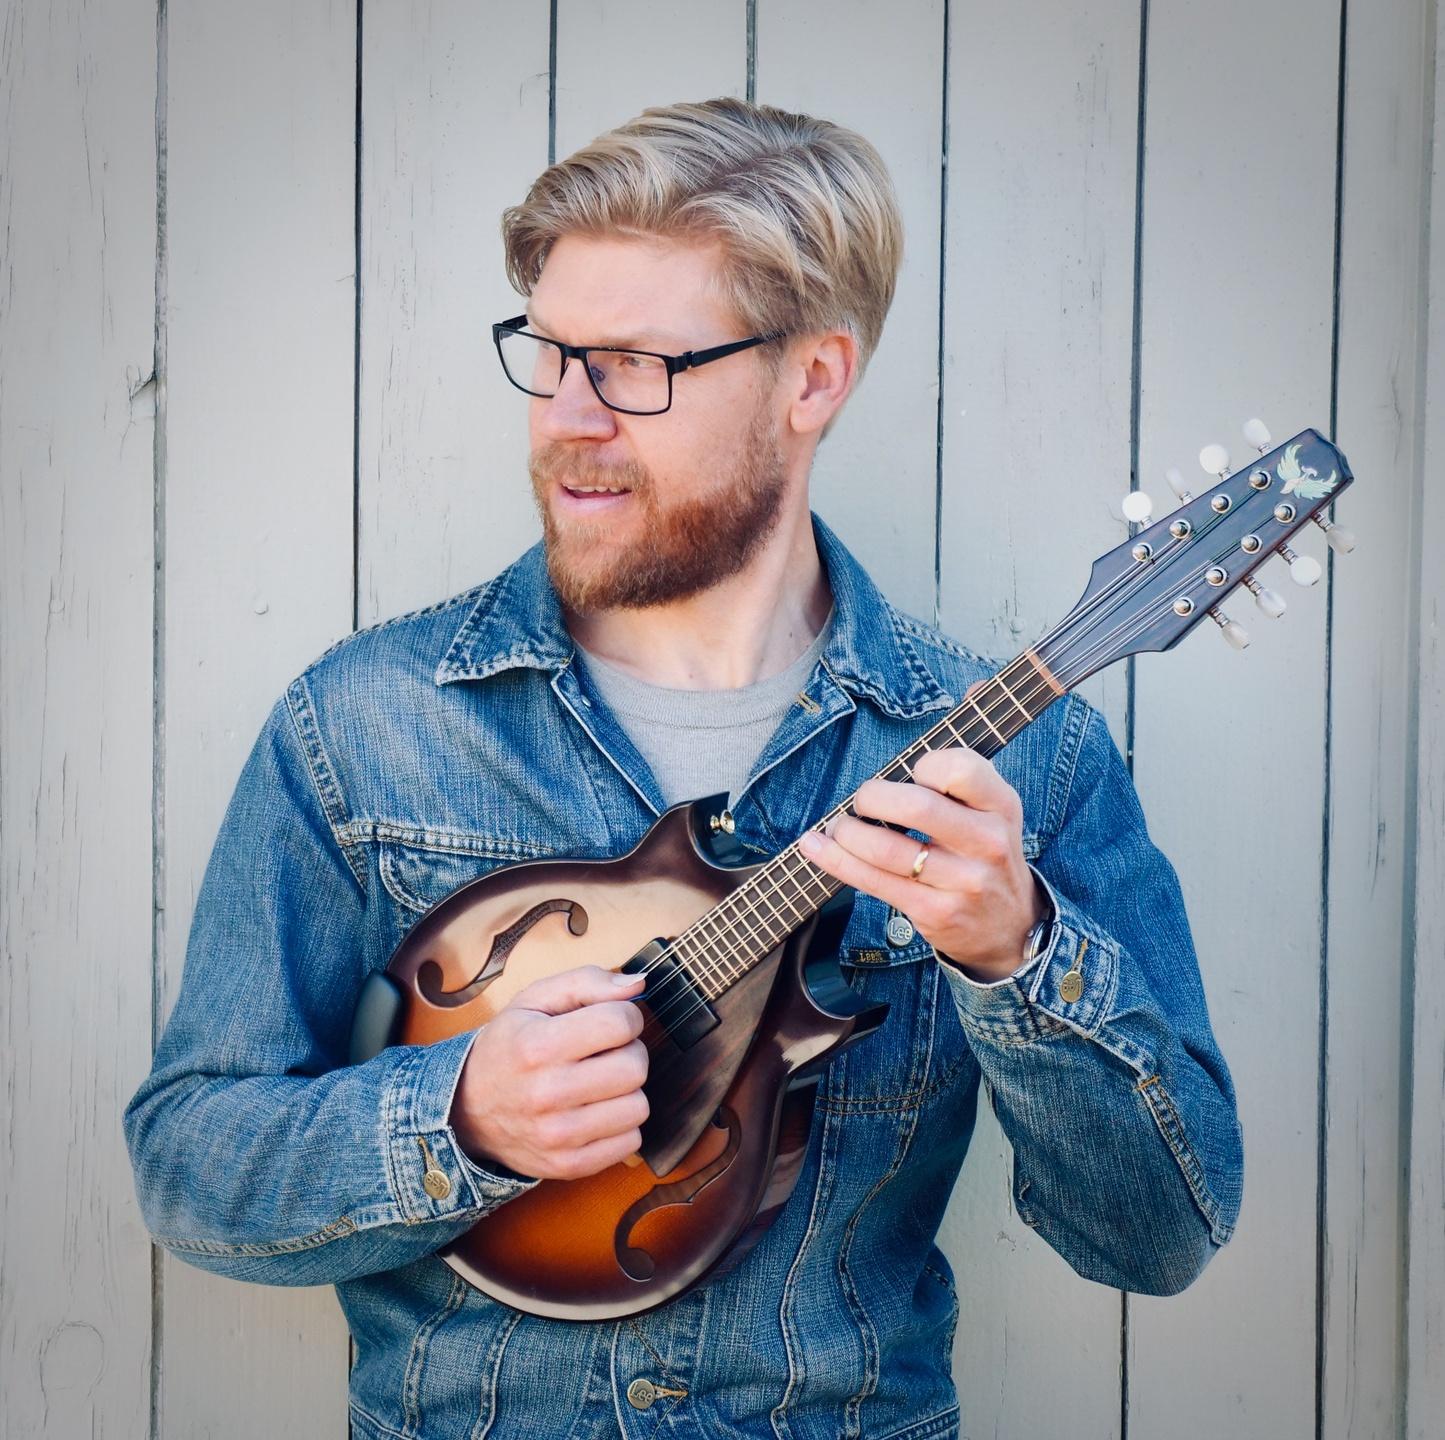 magnus zetterlund guitar instructor teacher